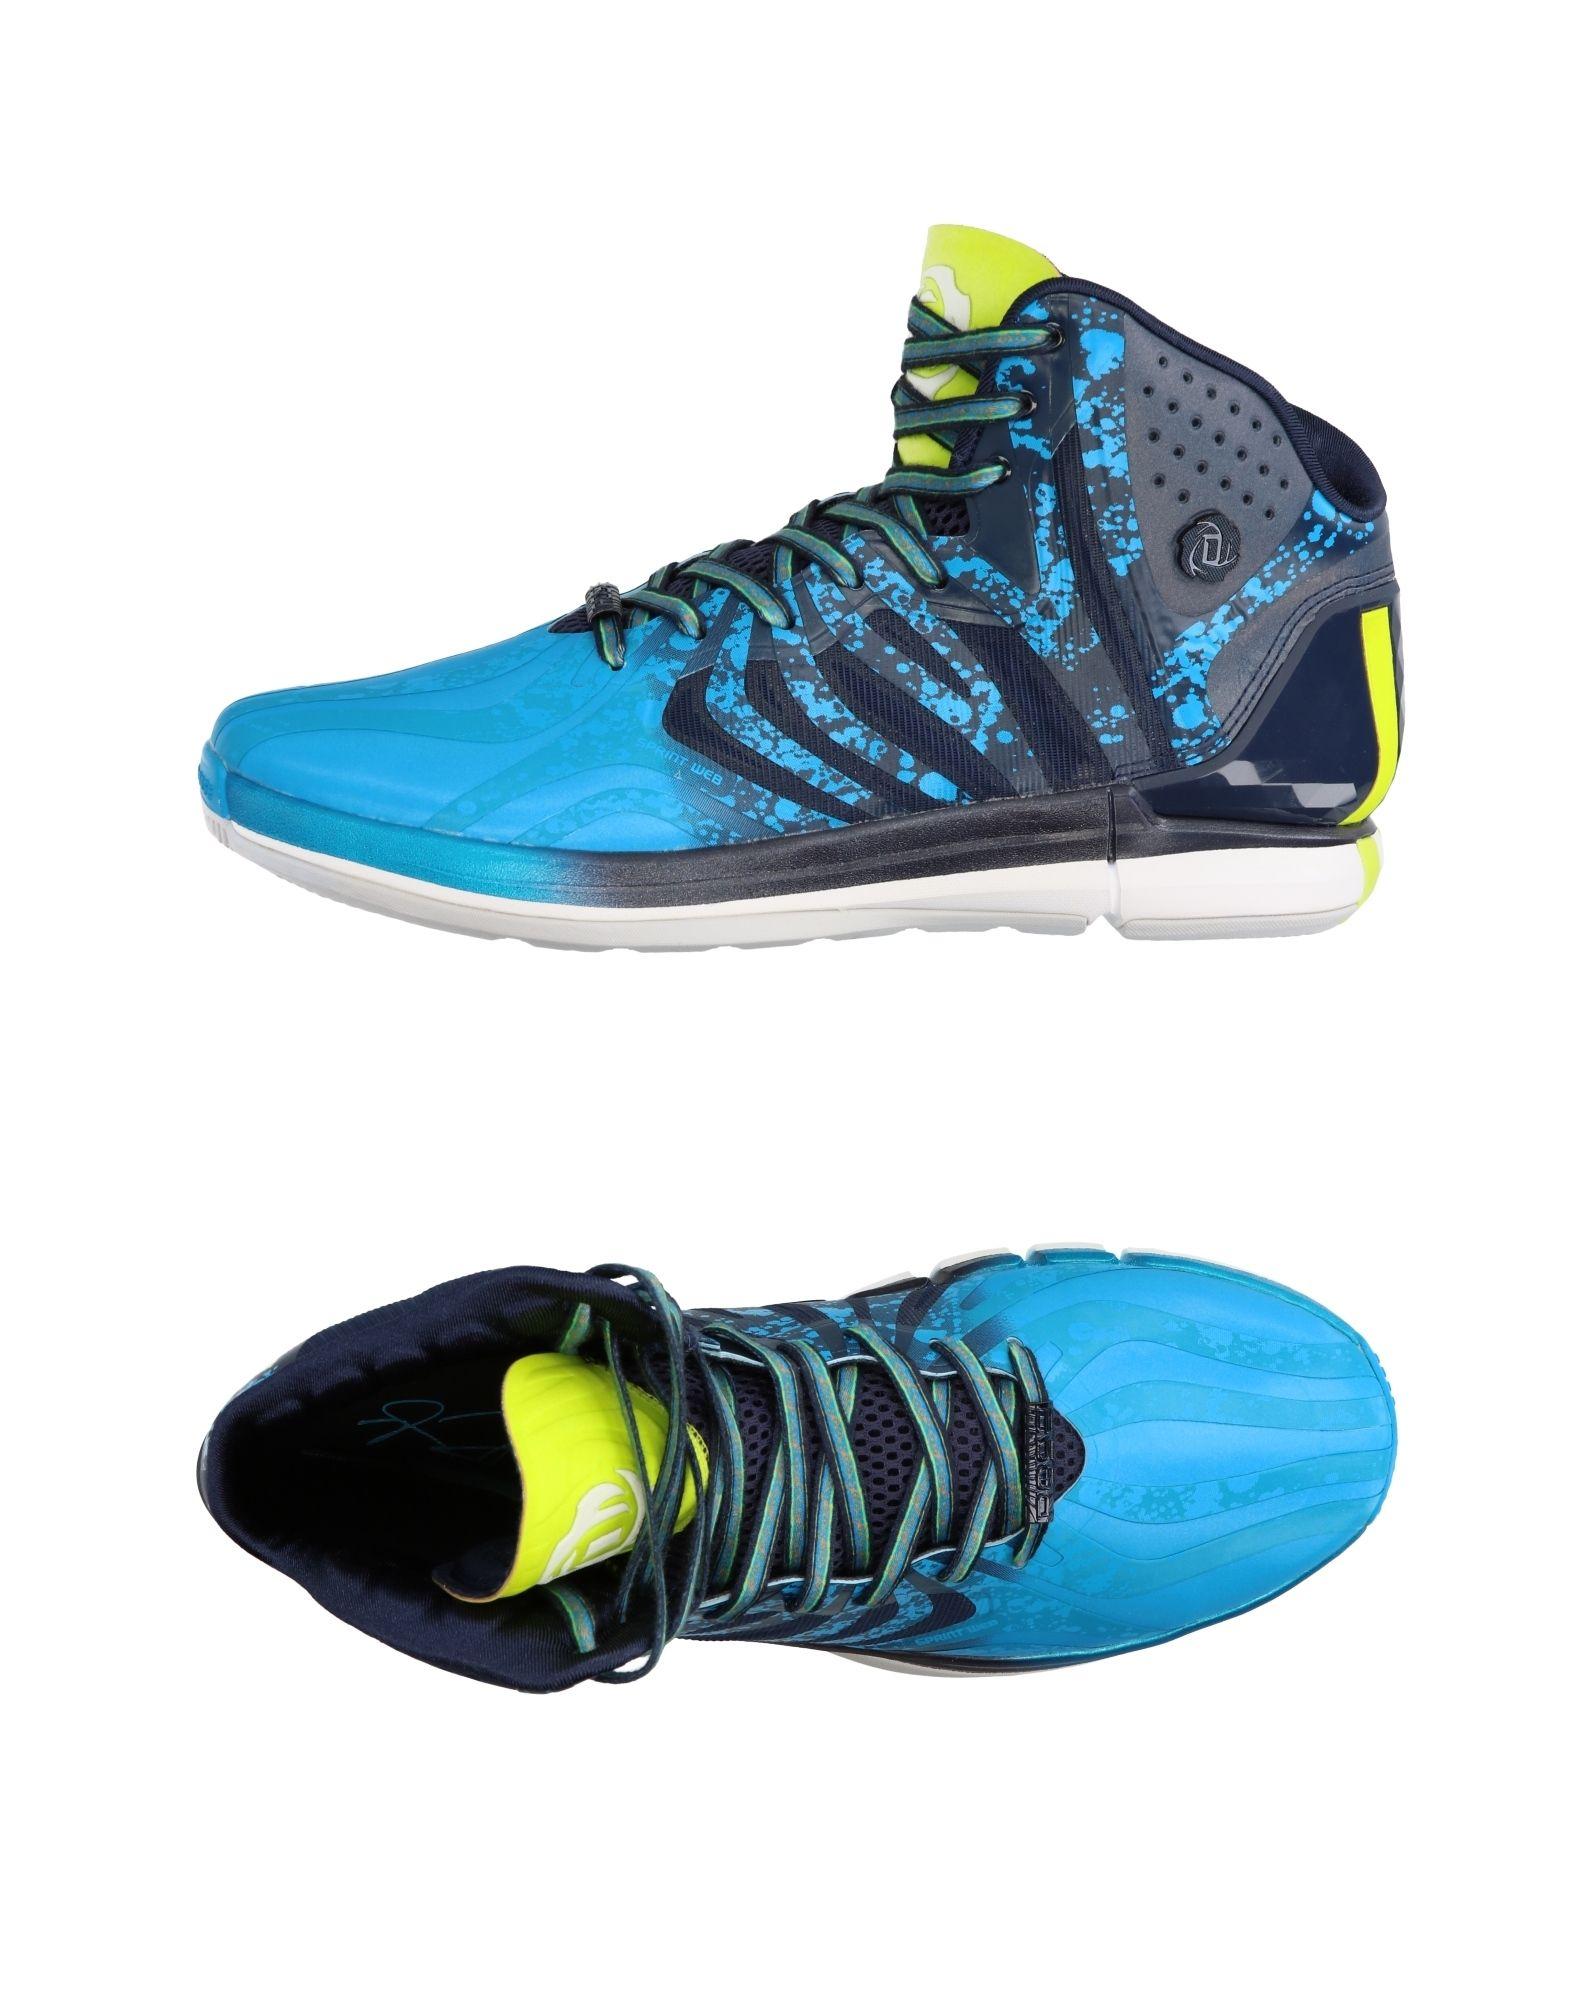 ADIDAS Высокие кеды и кроссовки кроссовки adidas b25275 b25278 b25192 b25277 b44518 b24282